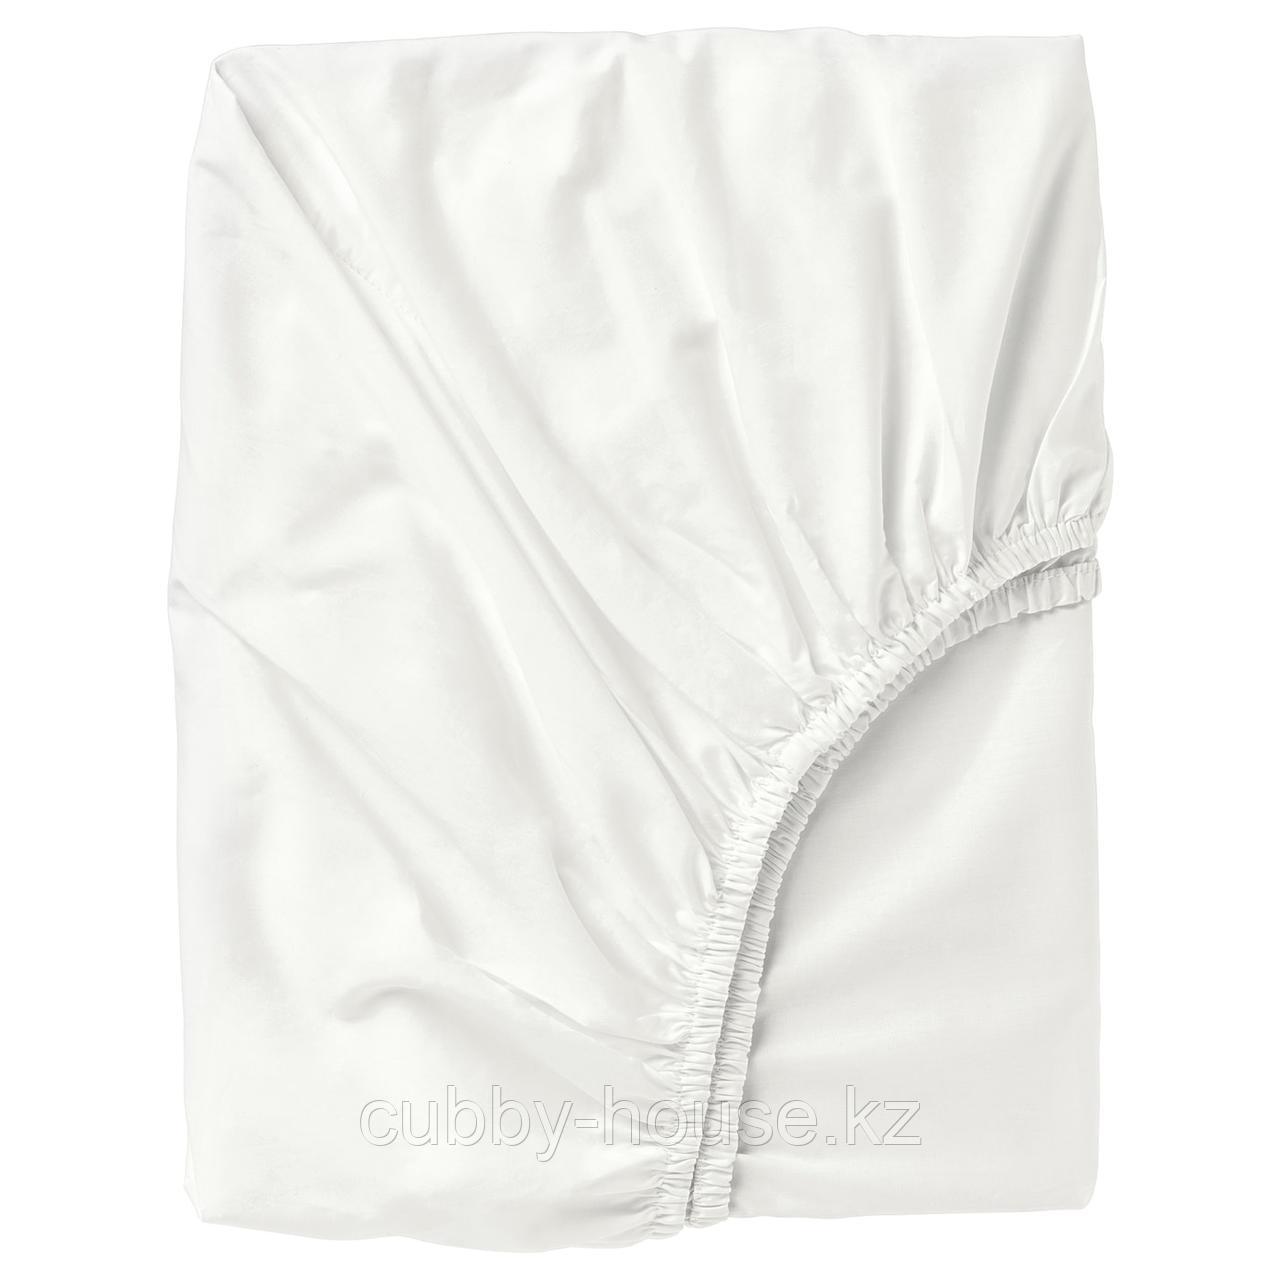 УЛЛЬВИДЕ Простыня натяжная, белый, 140x200 см